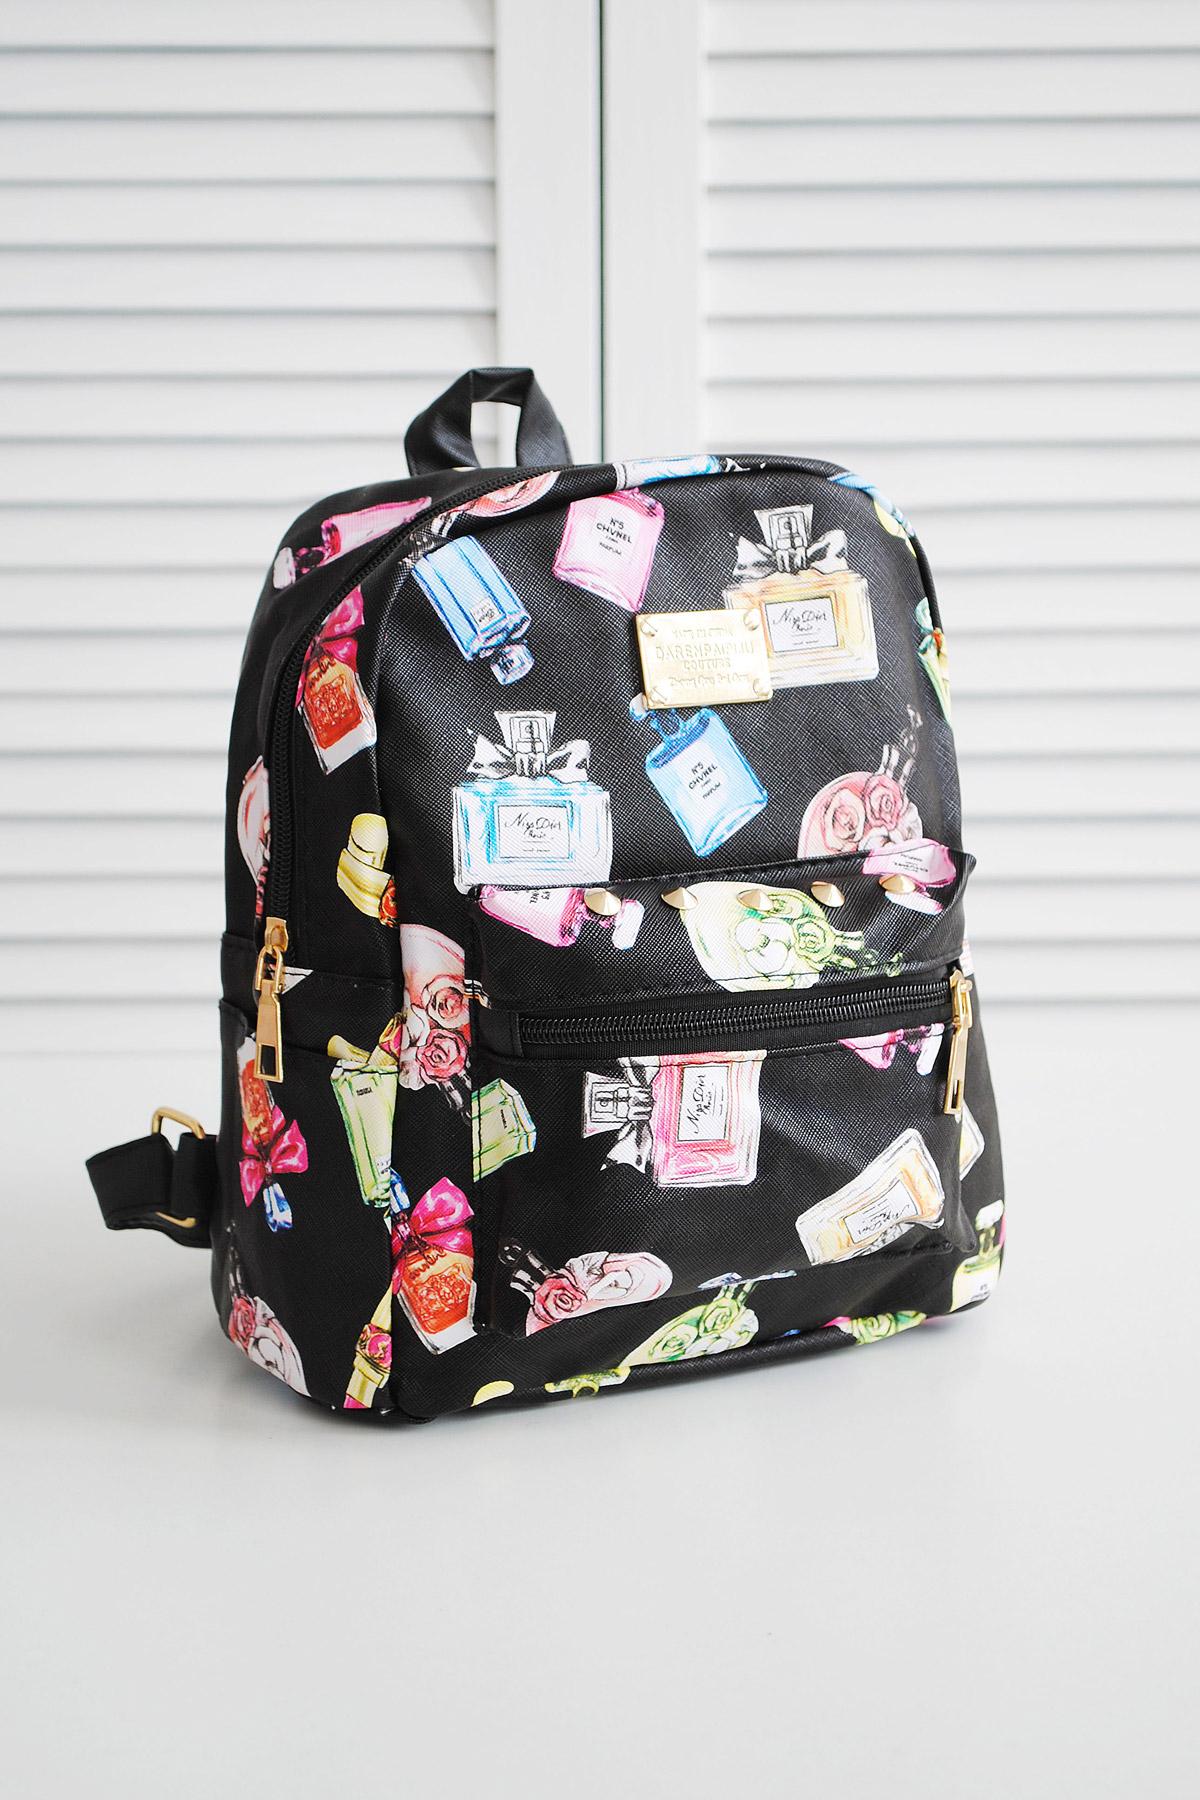 Рюкзаки с принтом купить в украине рюкзаки екстрим